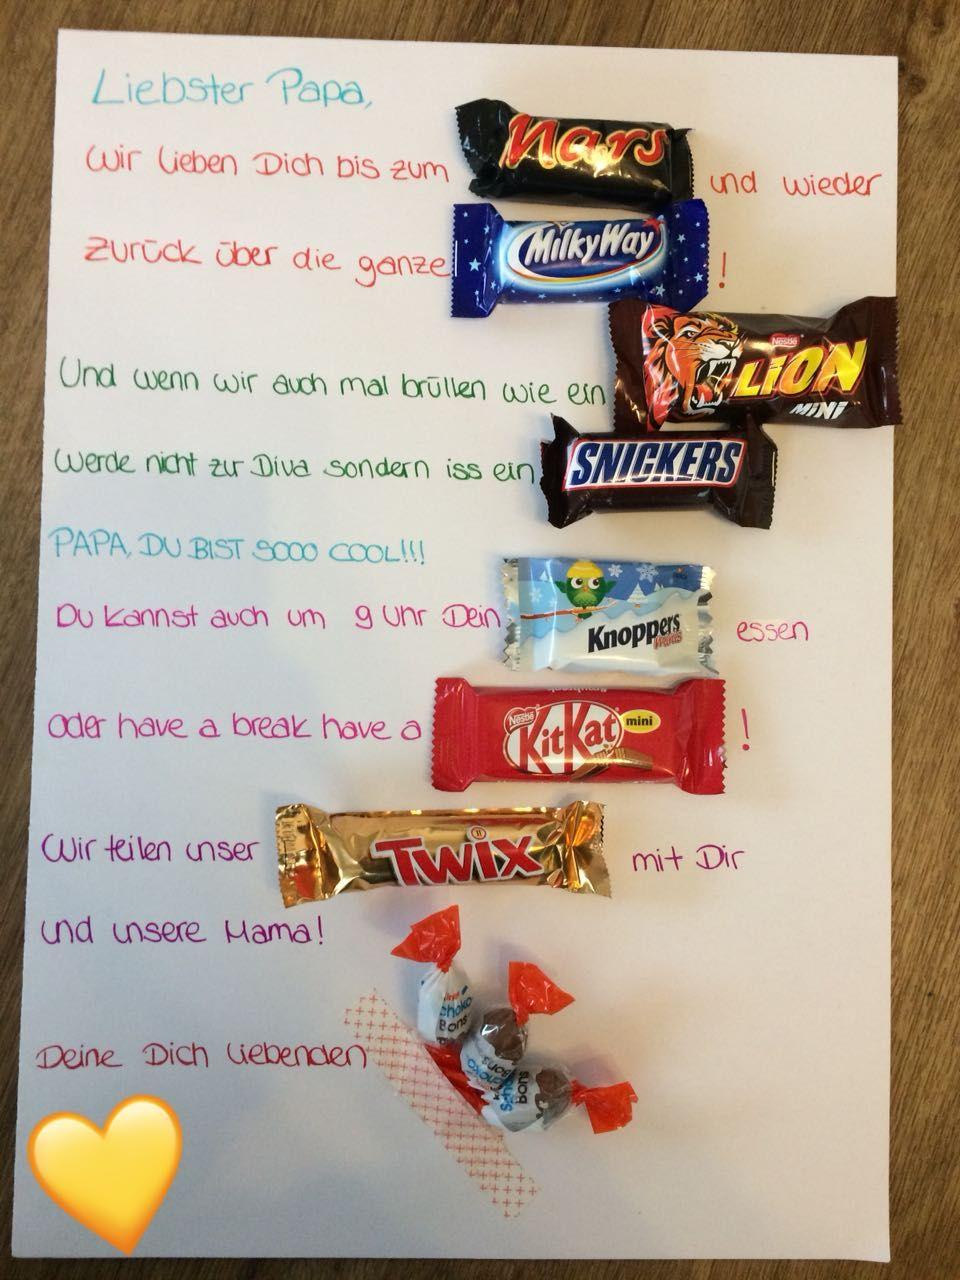 Geschenkidee Für Papas, Die Süsses Lieben :-) Mars, Snickers mit Weihnachtsgeschenke Für Papa Selber Machen